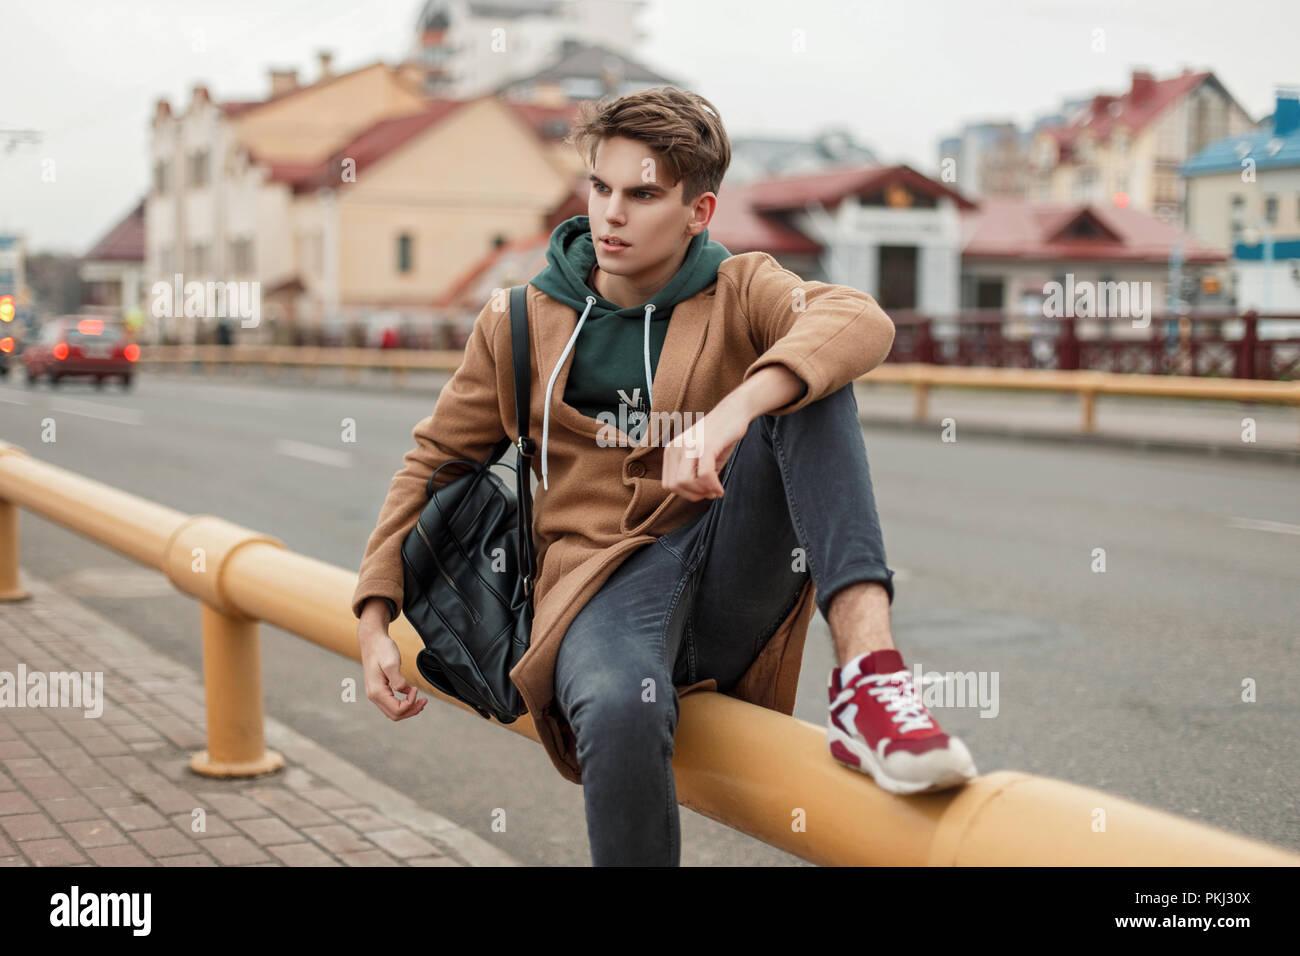 9f2f5b1ae44f Modèle à la mode beau gars avec une coupe dans un style vintage avec un  manteau